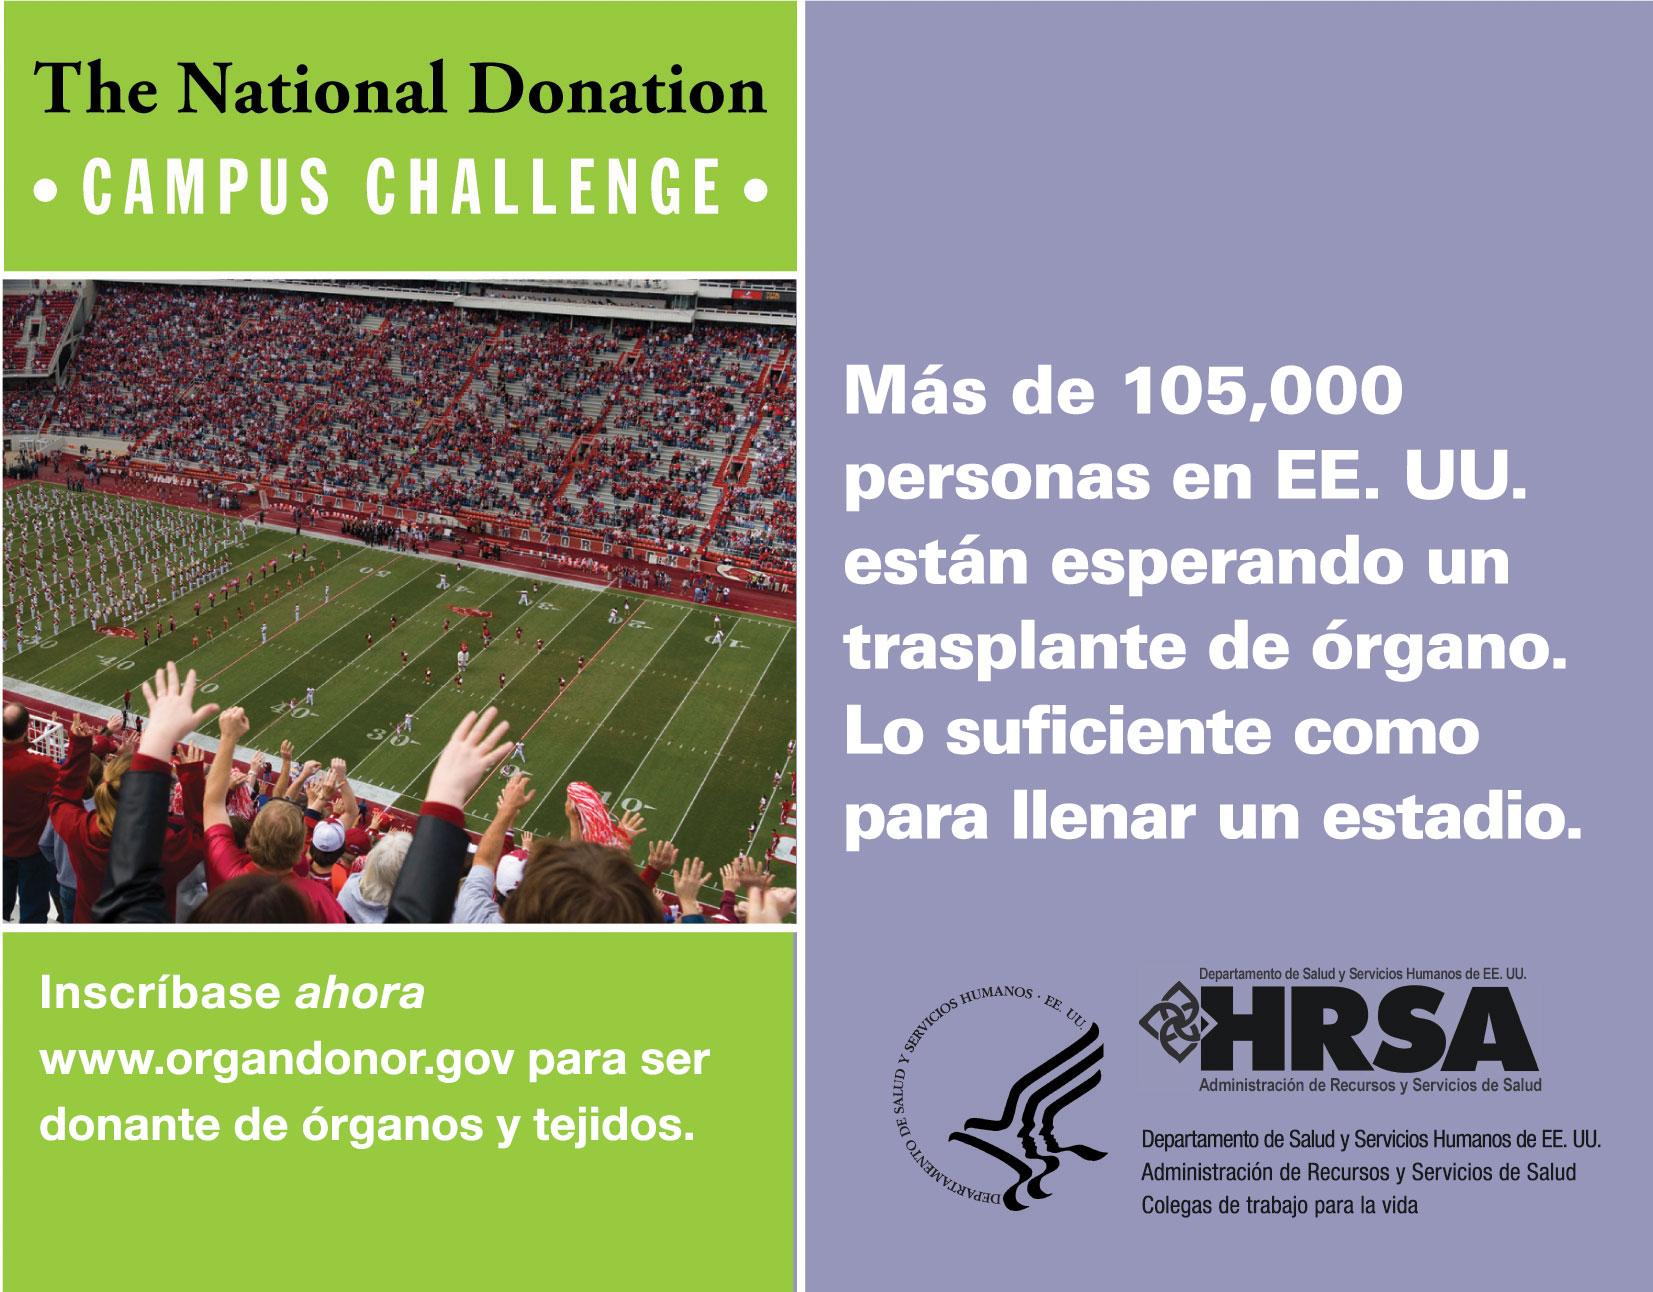 Estadio - email masivo - imagen del enlace de HRSA.